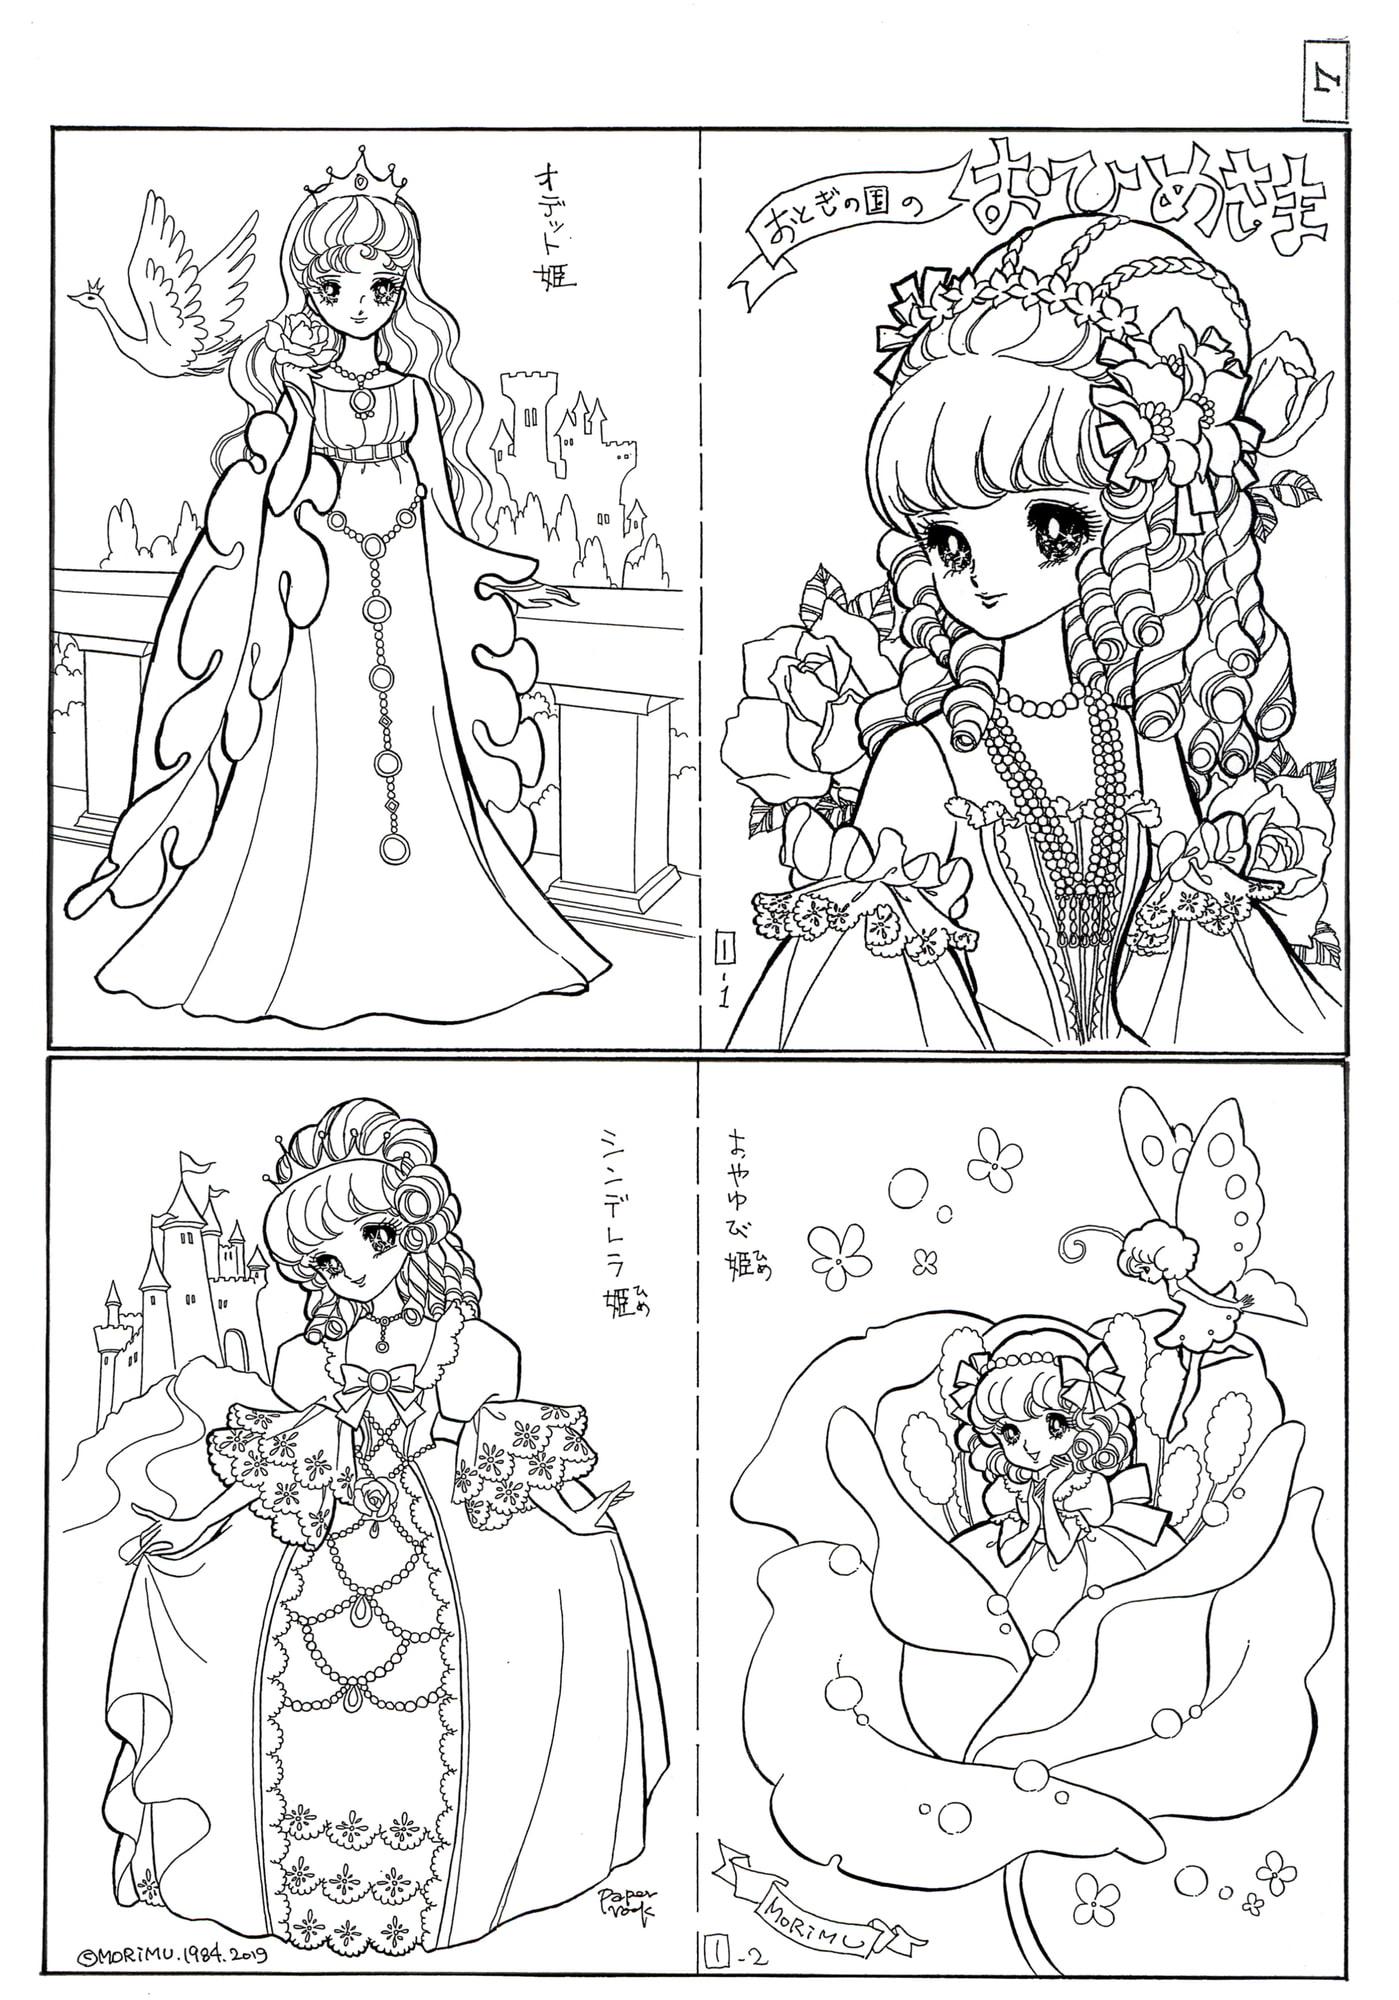 ふろく姫 7号「ぬりえあそびVol.4」